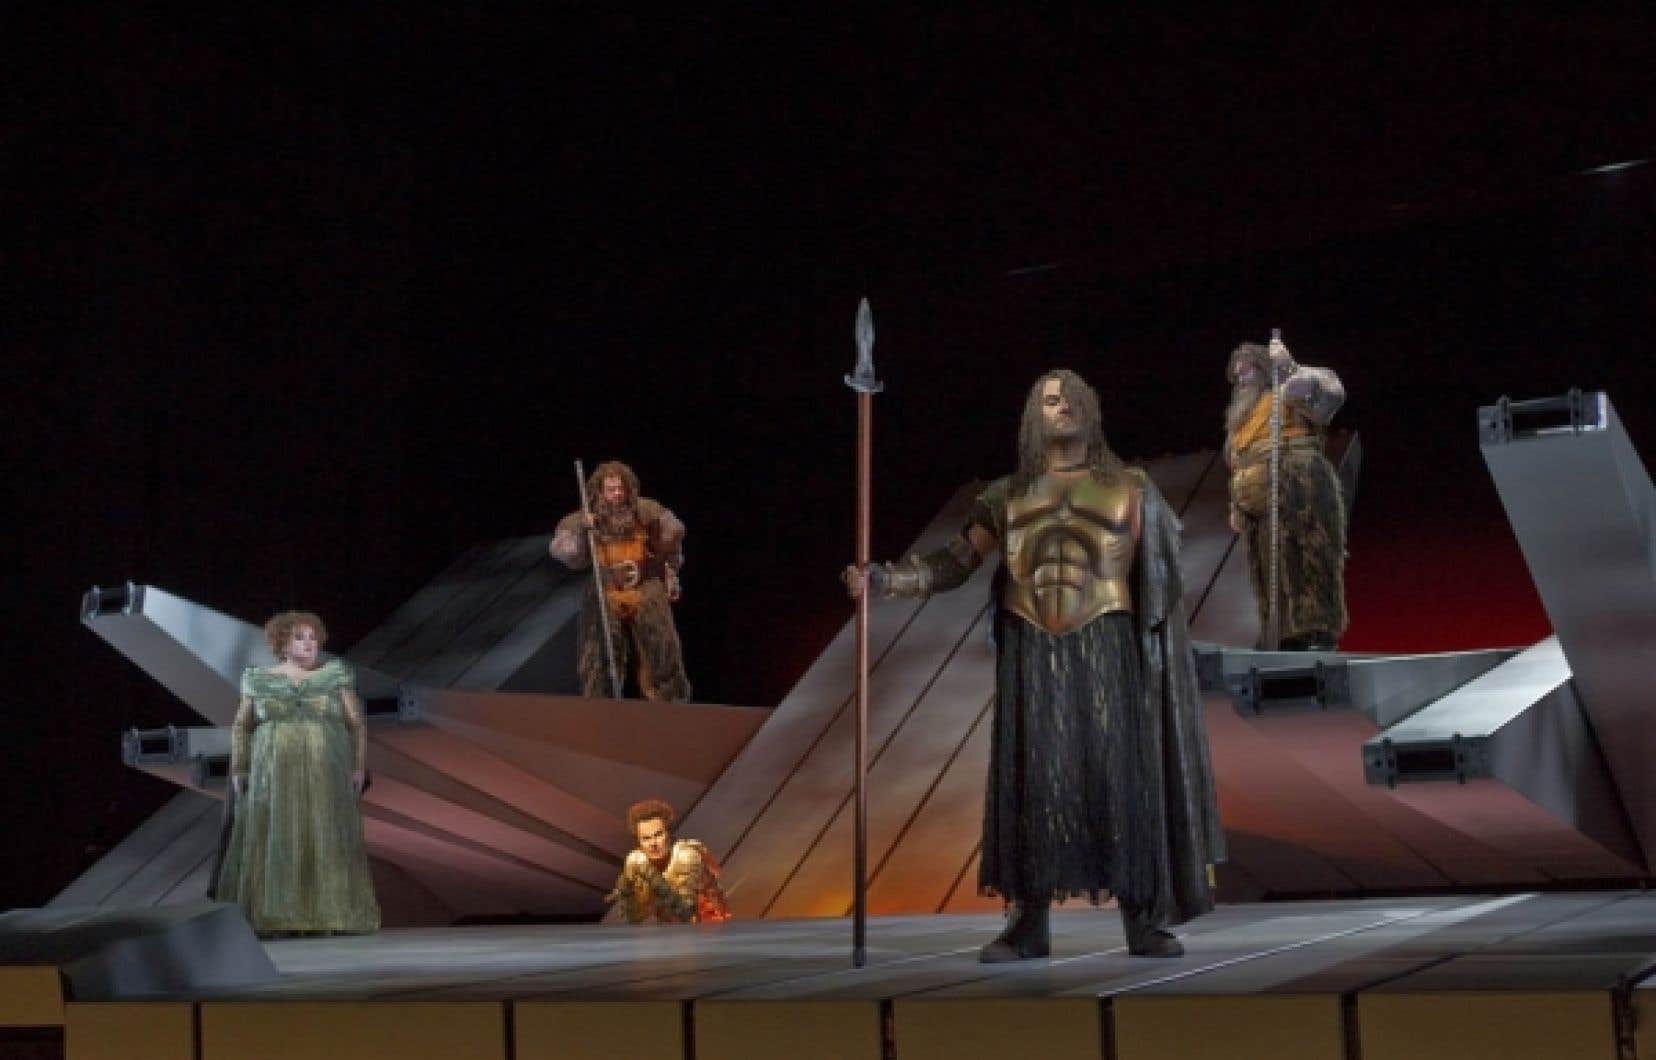 Wotan (Bryn Terfel) et Fricka (Stéphanie Blythe) sous le regard des géants et de Loge, dieu du feu, personnage central de Das Rheingold vu par Robert Lepage.